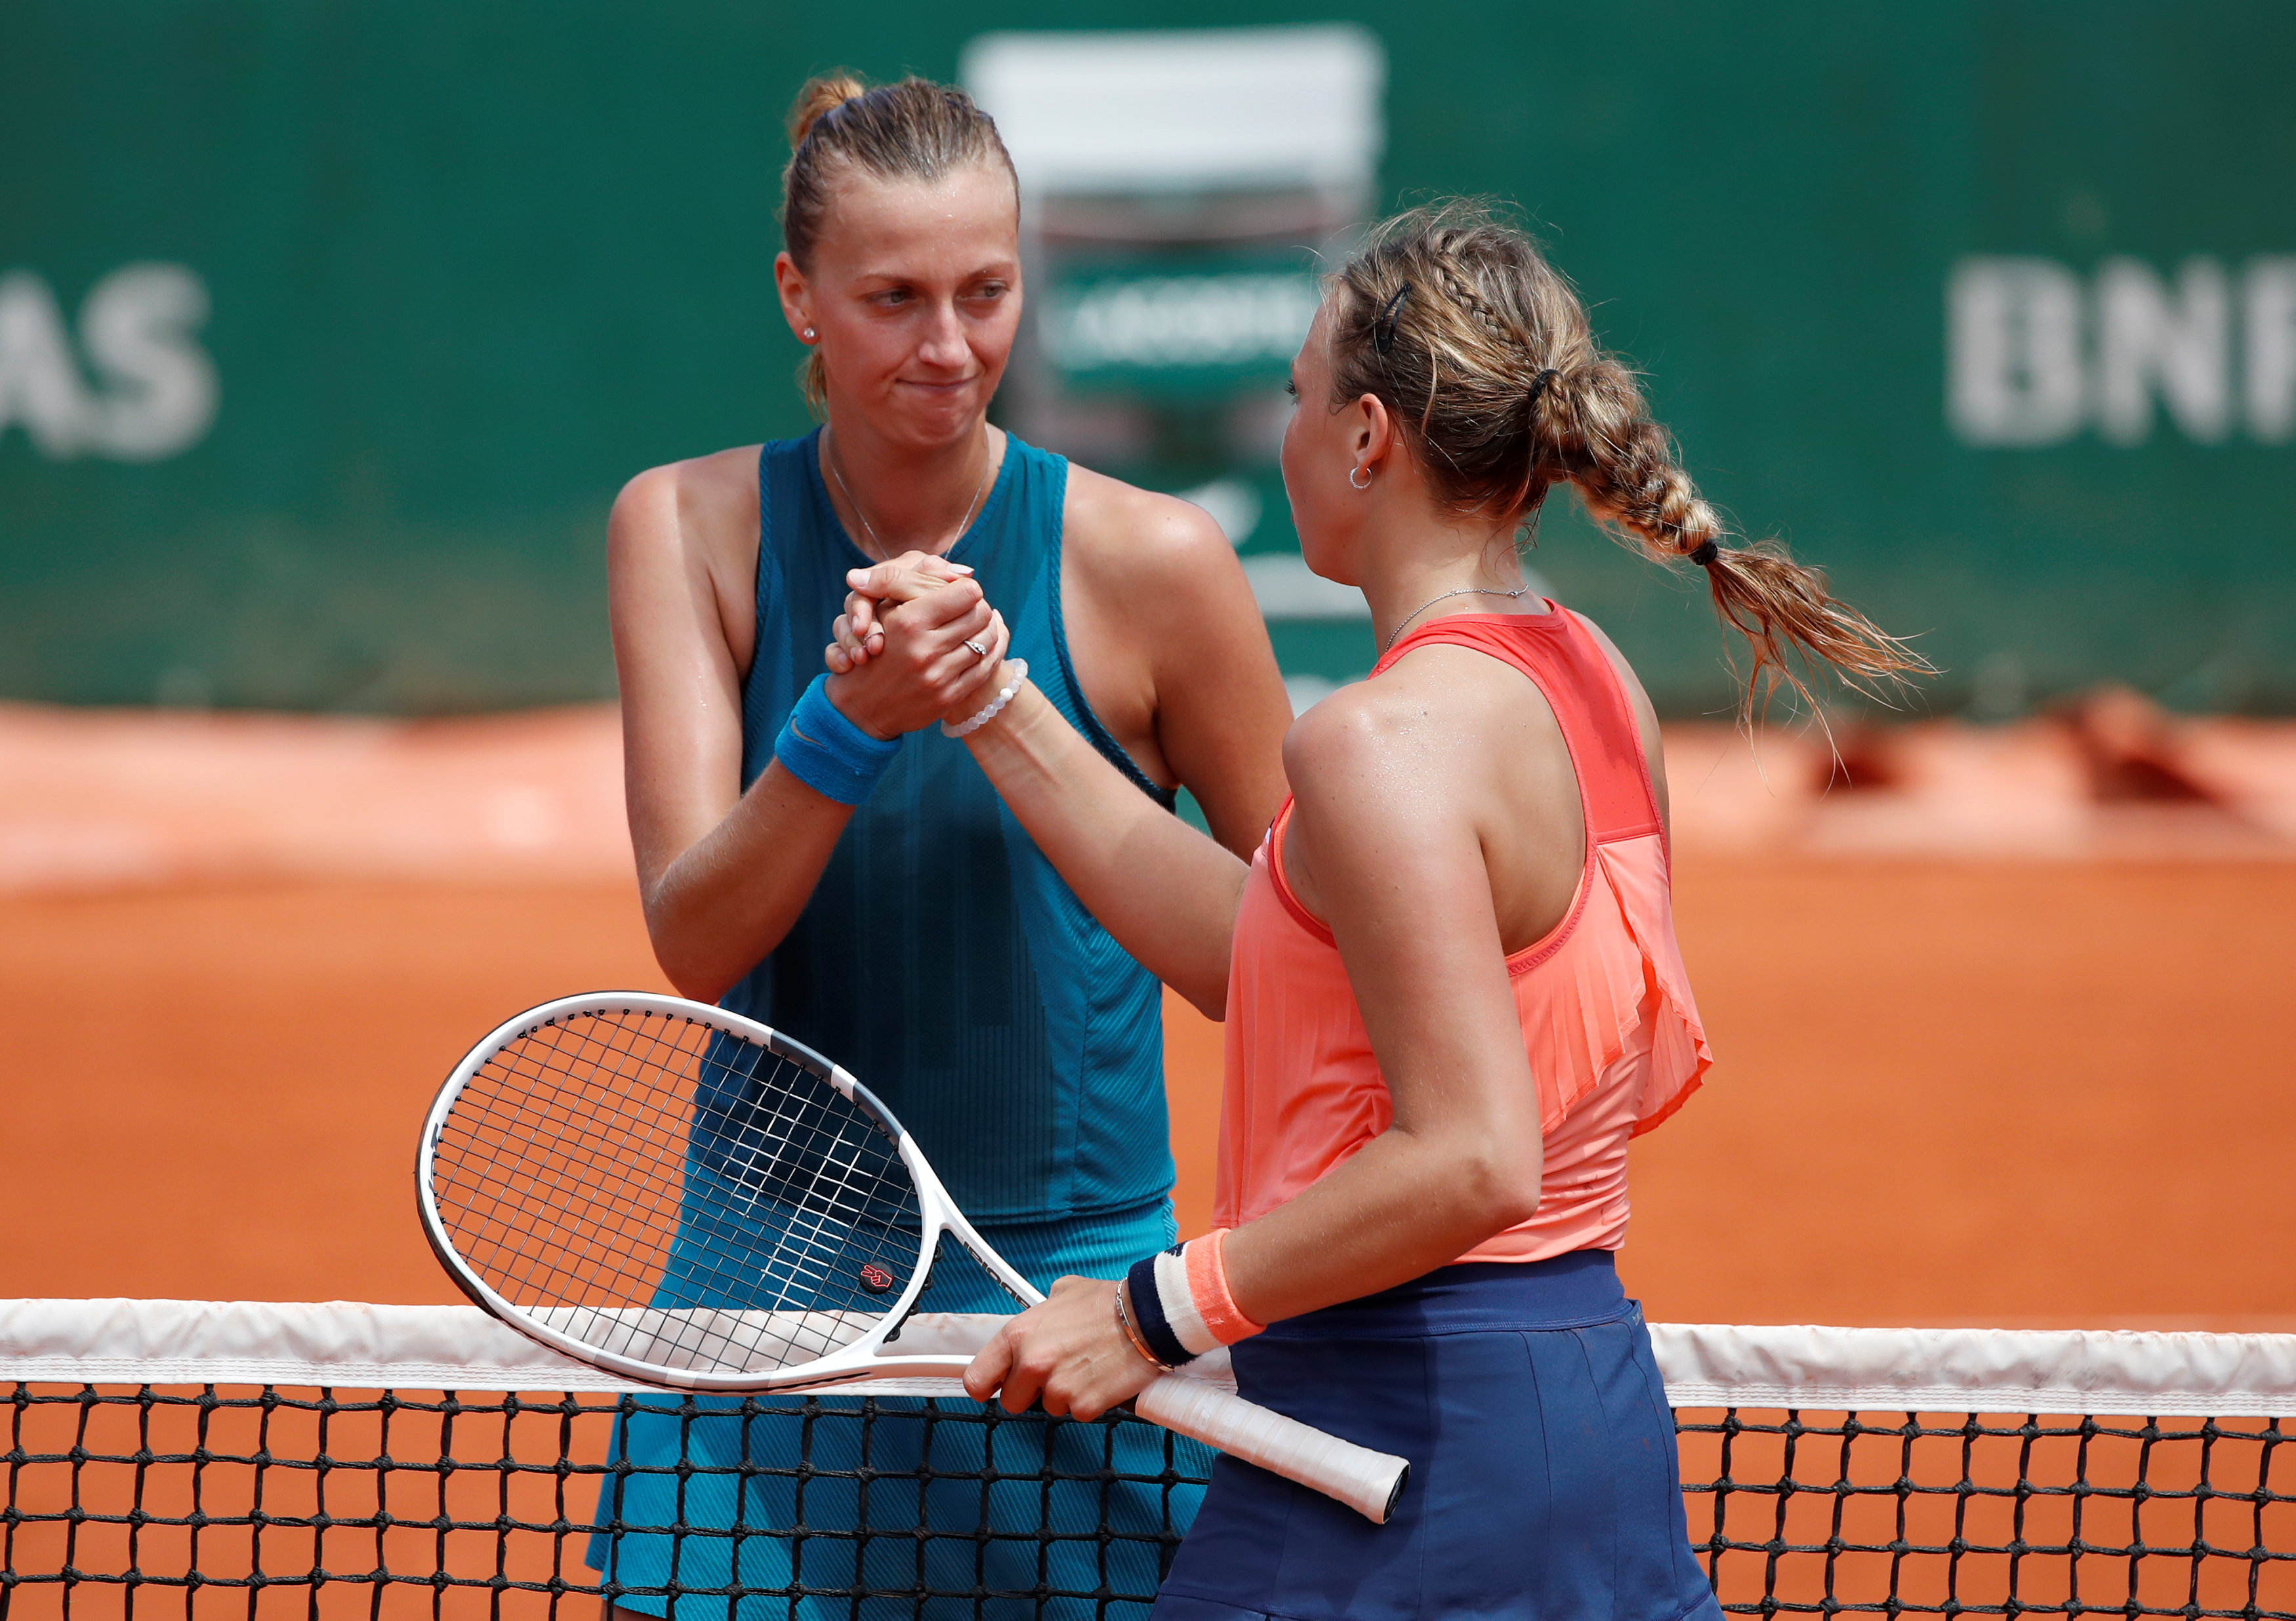 French Open: Kontaveit knocks out Kvitova